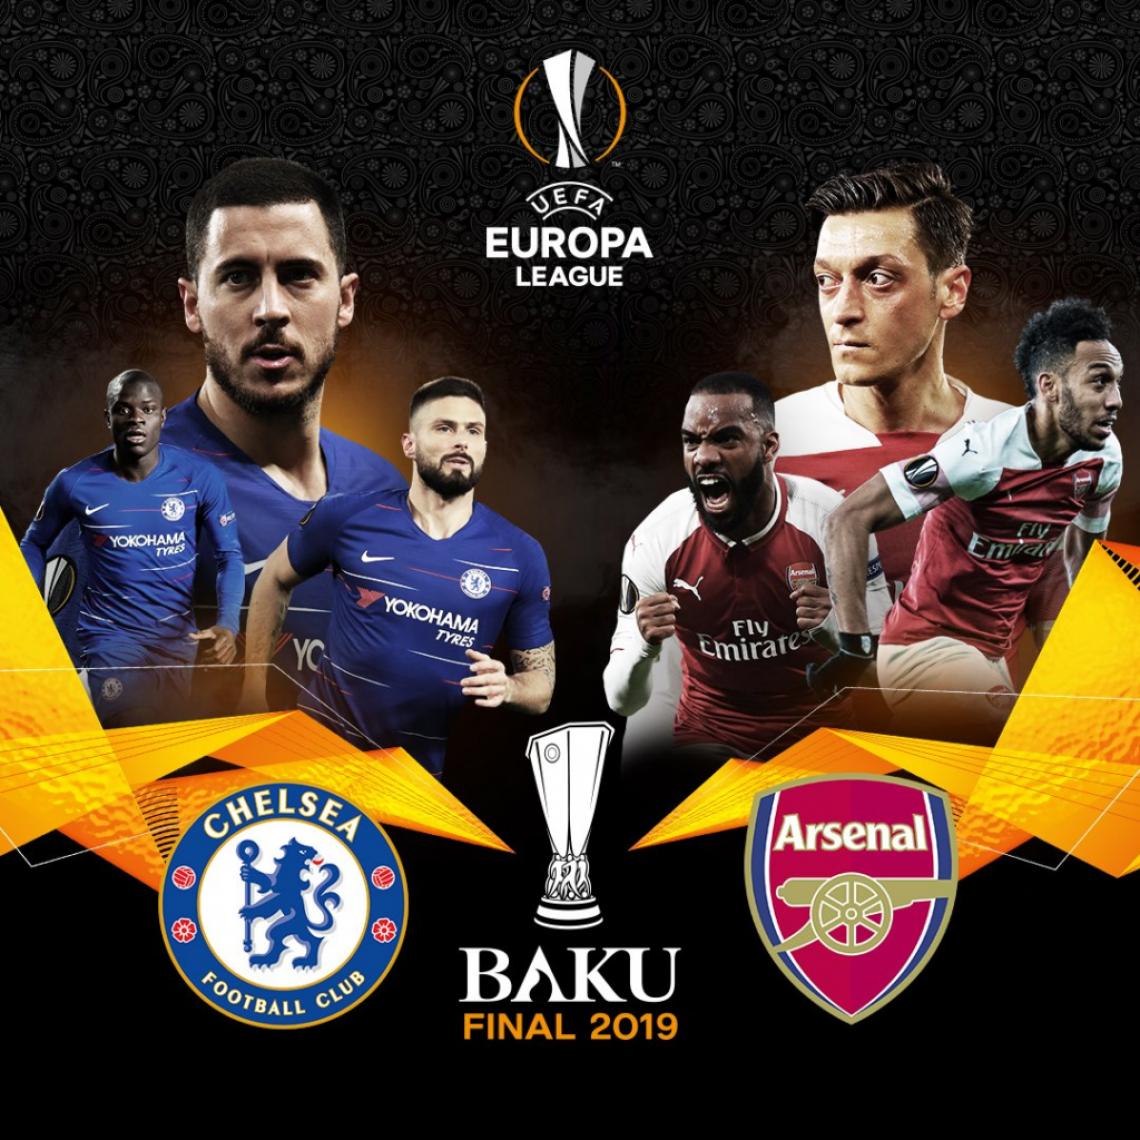 Ingleses abrem primeira final europeia das duas nesta semana